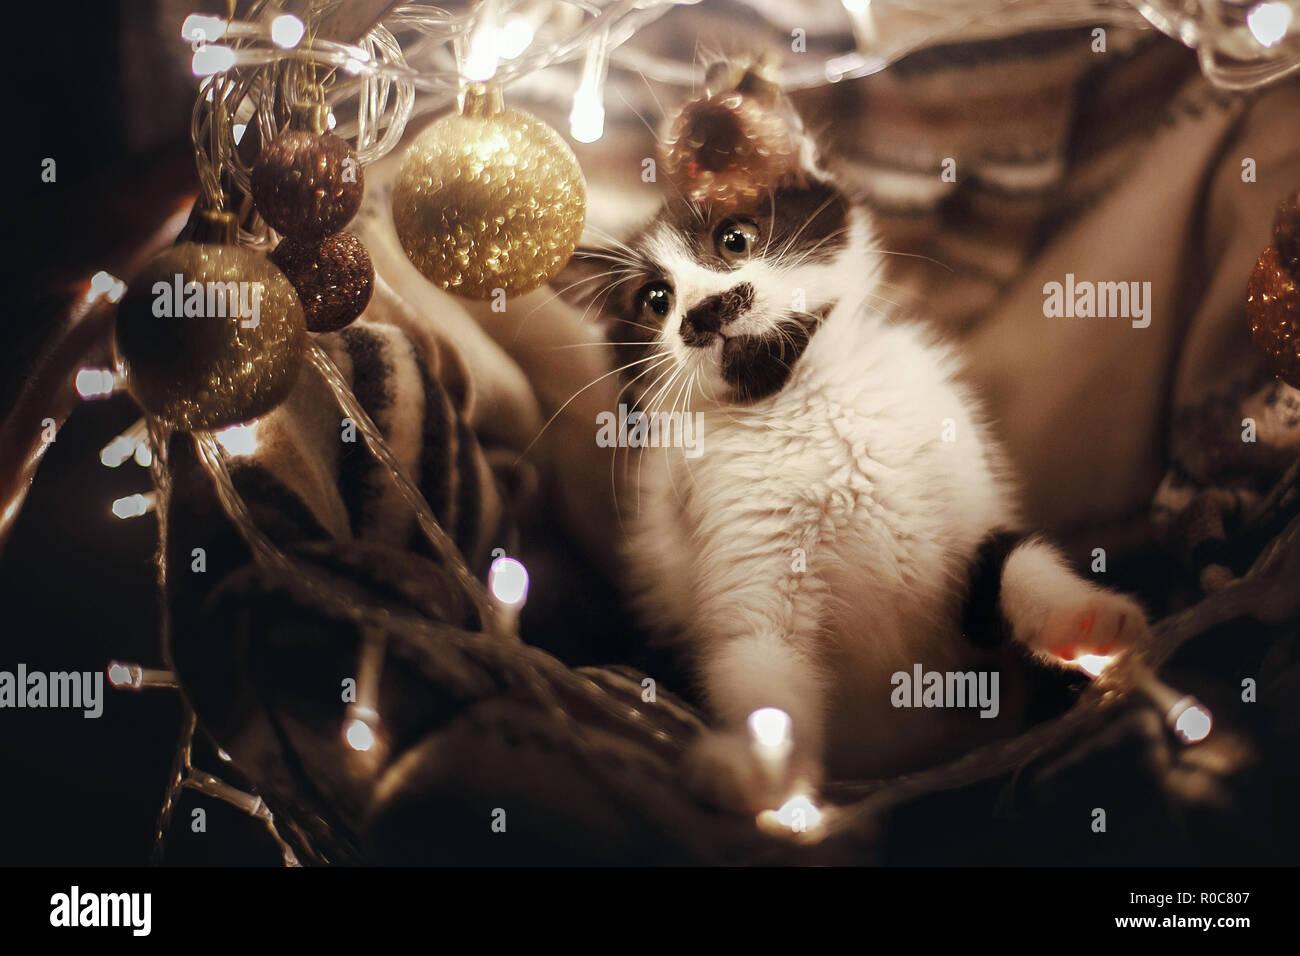 Cute Kitty spielen mit Ornamenten in Korb mit Leuchten unter Weihnachtsbaum in festlichem Zimmer. Adorable lustig Kitten mit tollen Augen. Frohe Weihnachten Stockbild